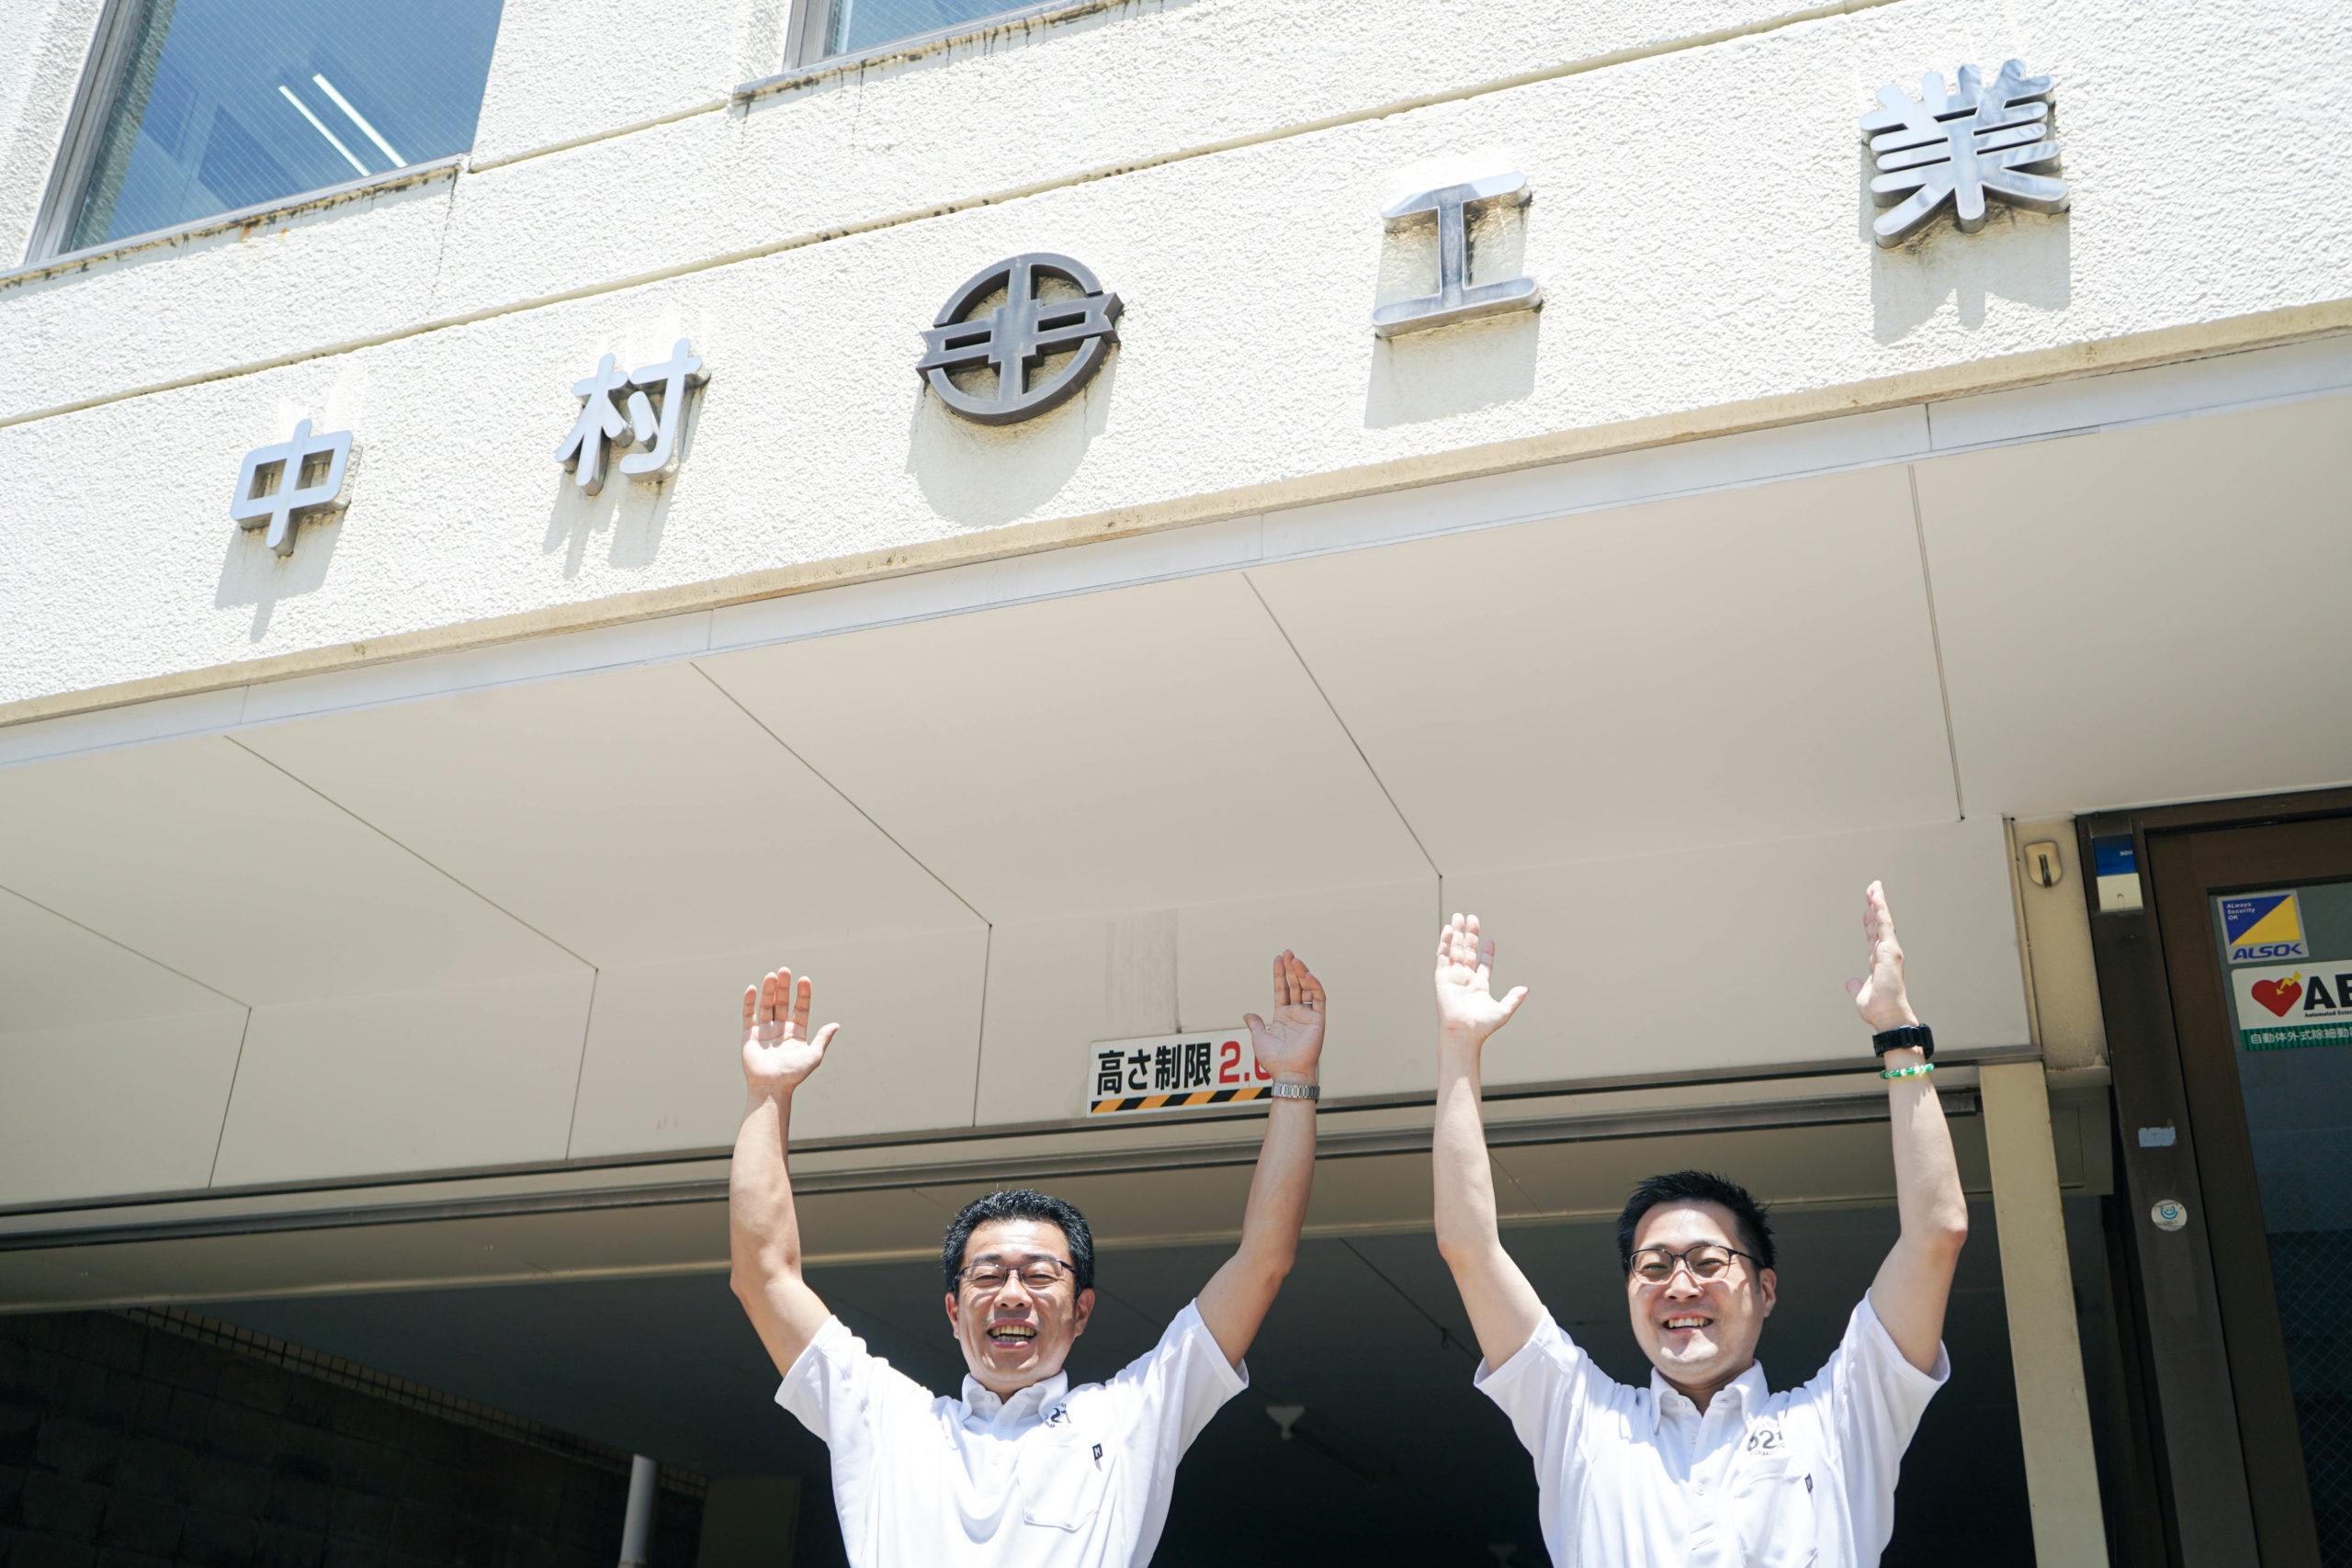 中村工業株式会社 9